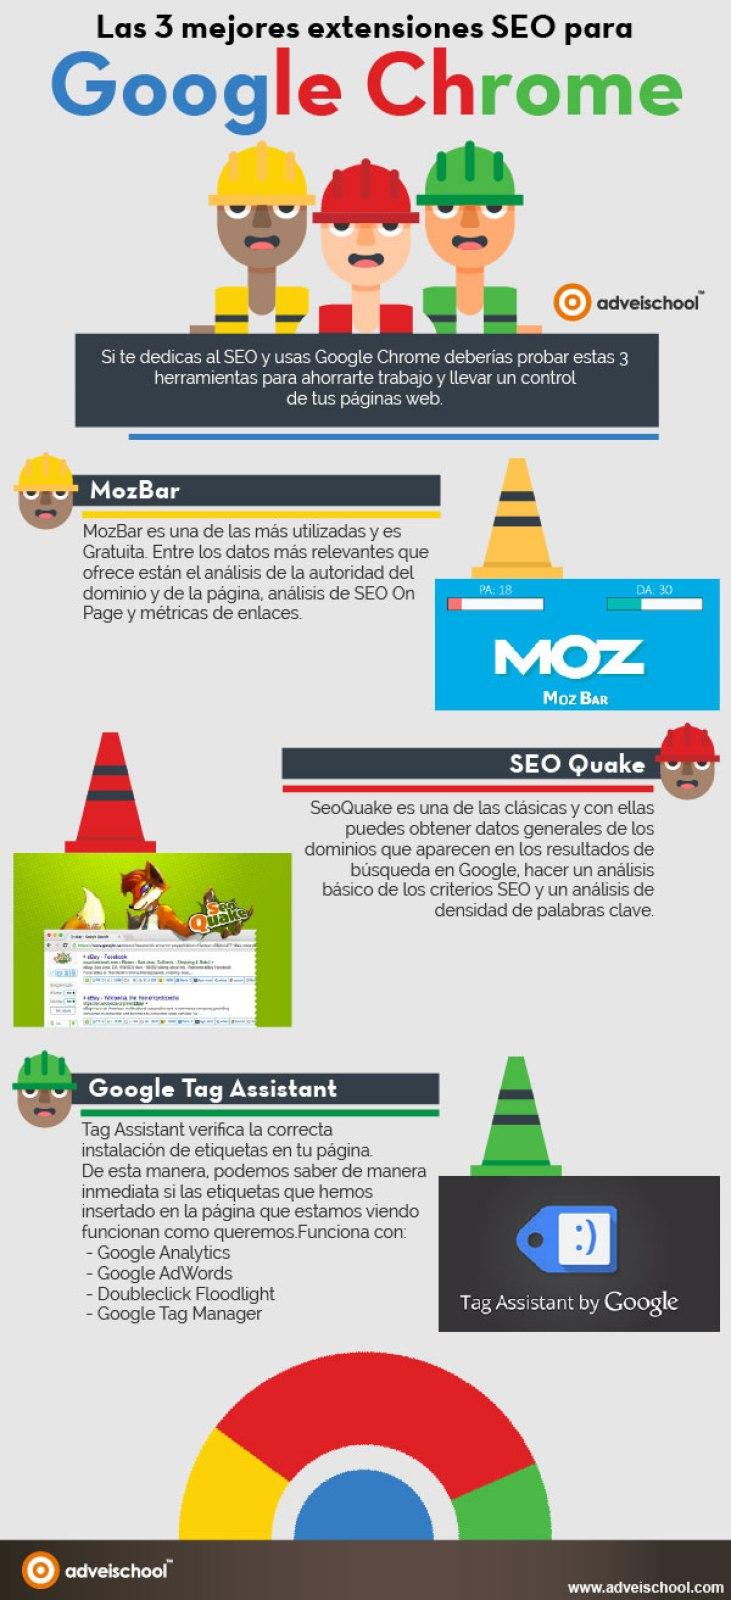 3 mejores extensiones SEO para Google Chrome